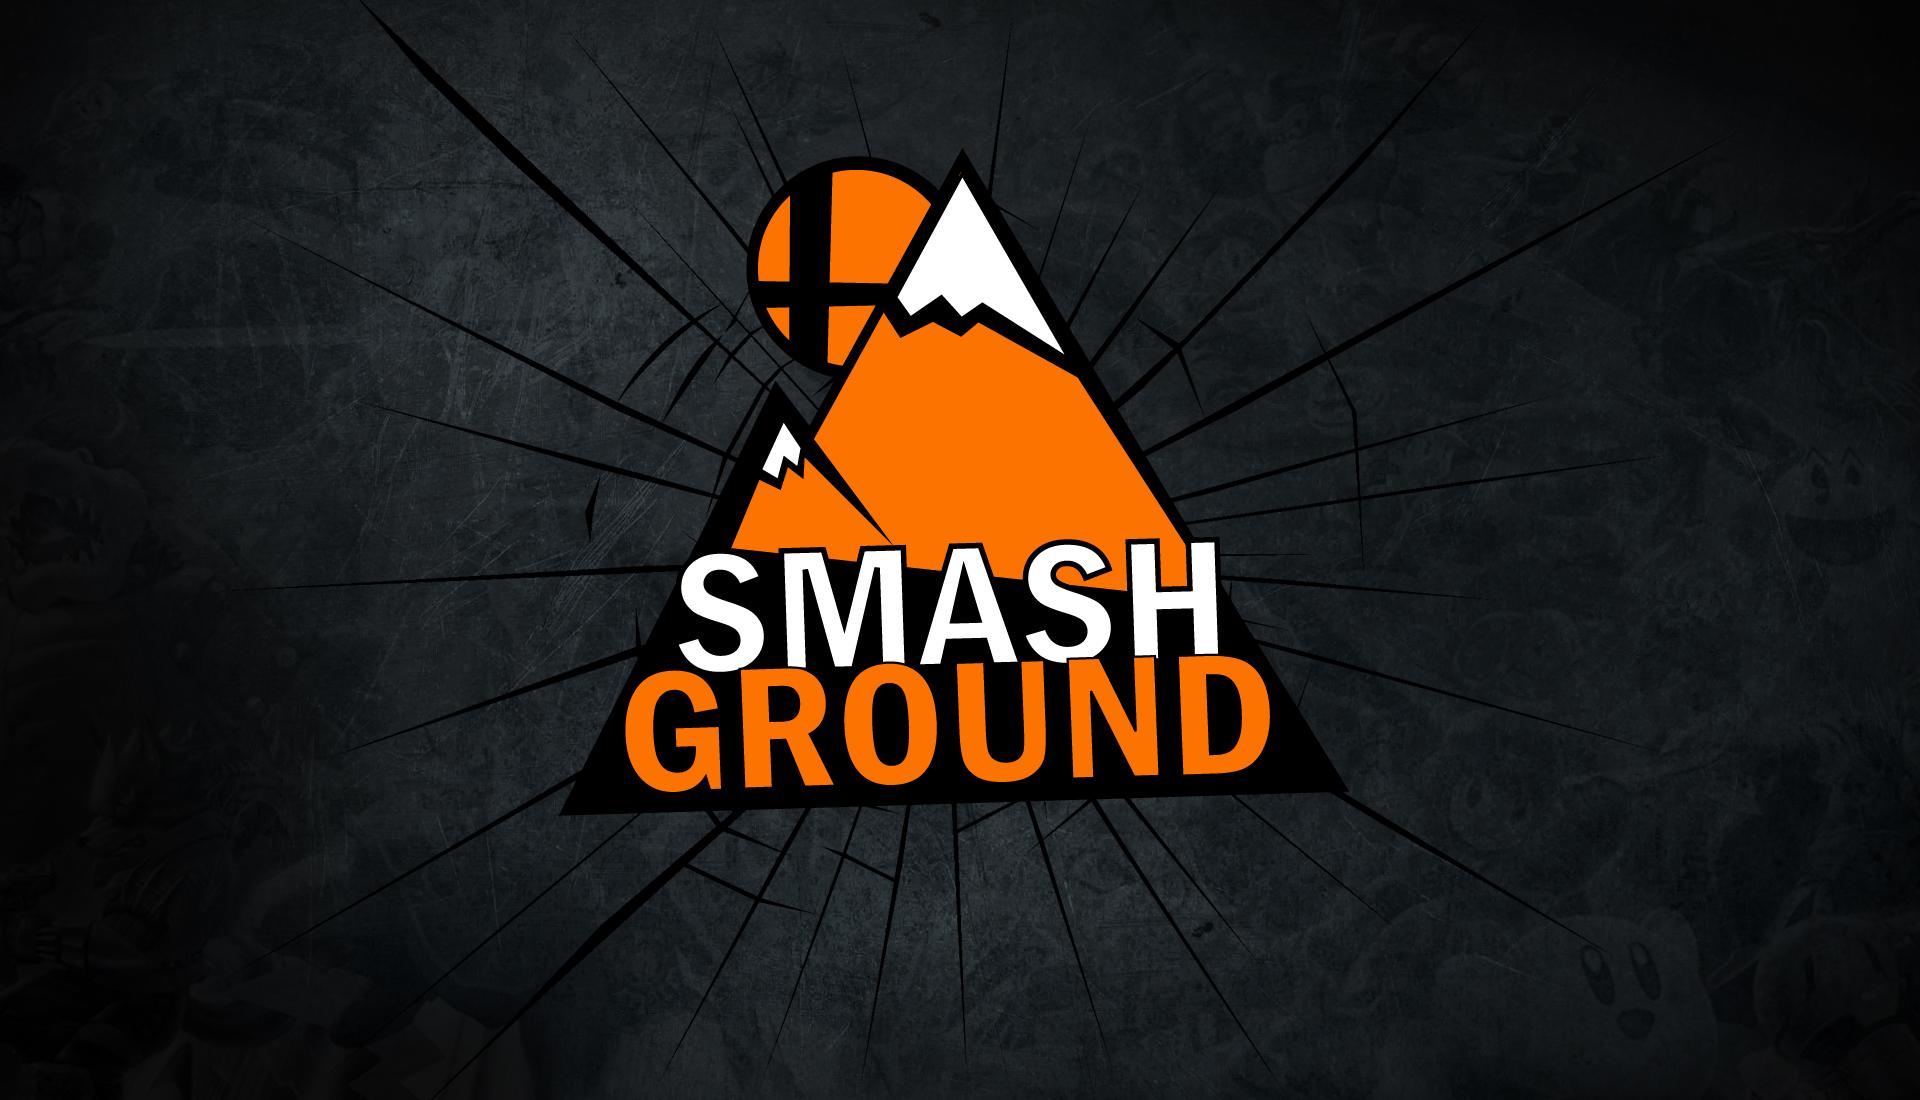 SmashGround schlägt ein!